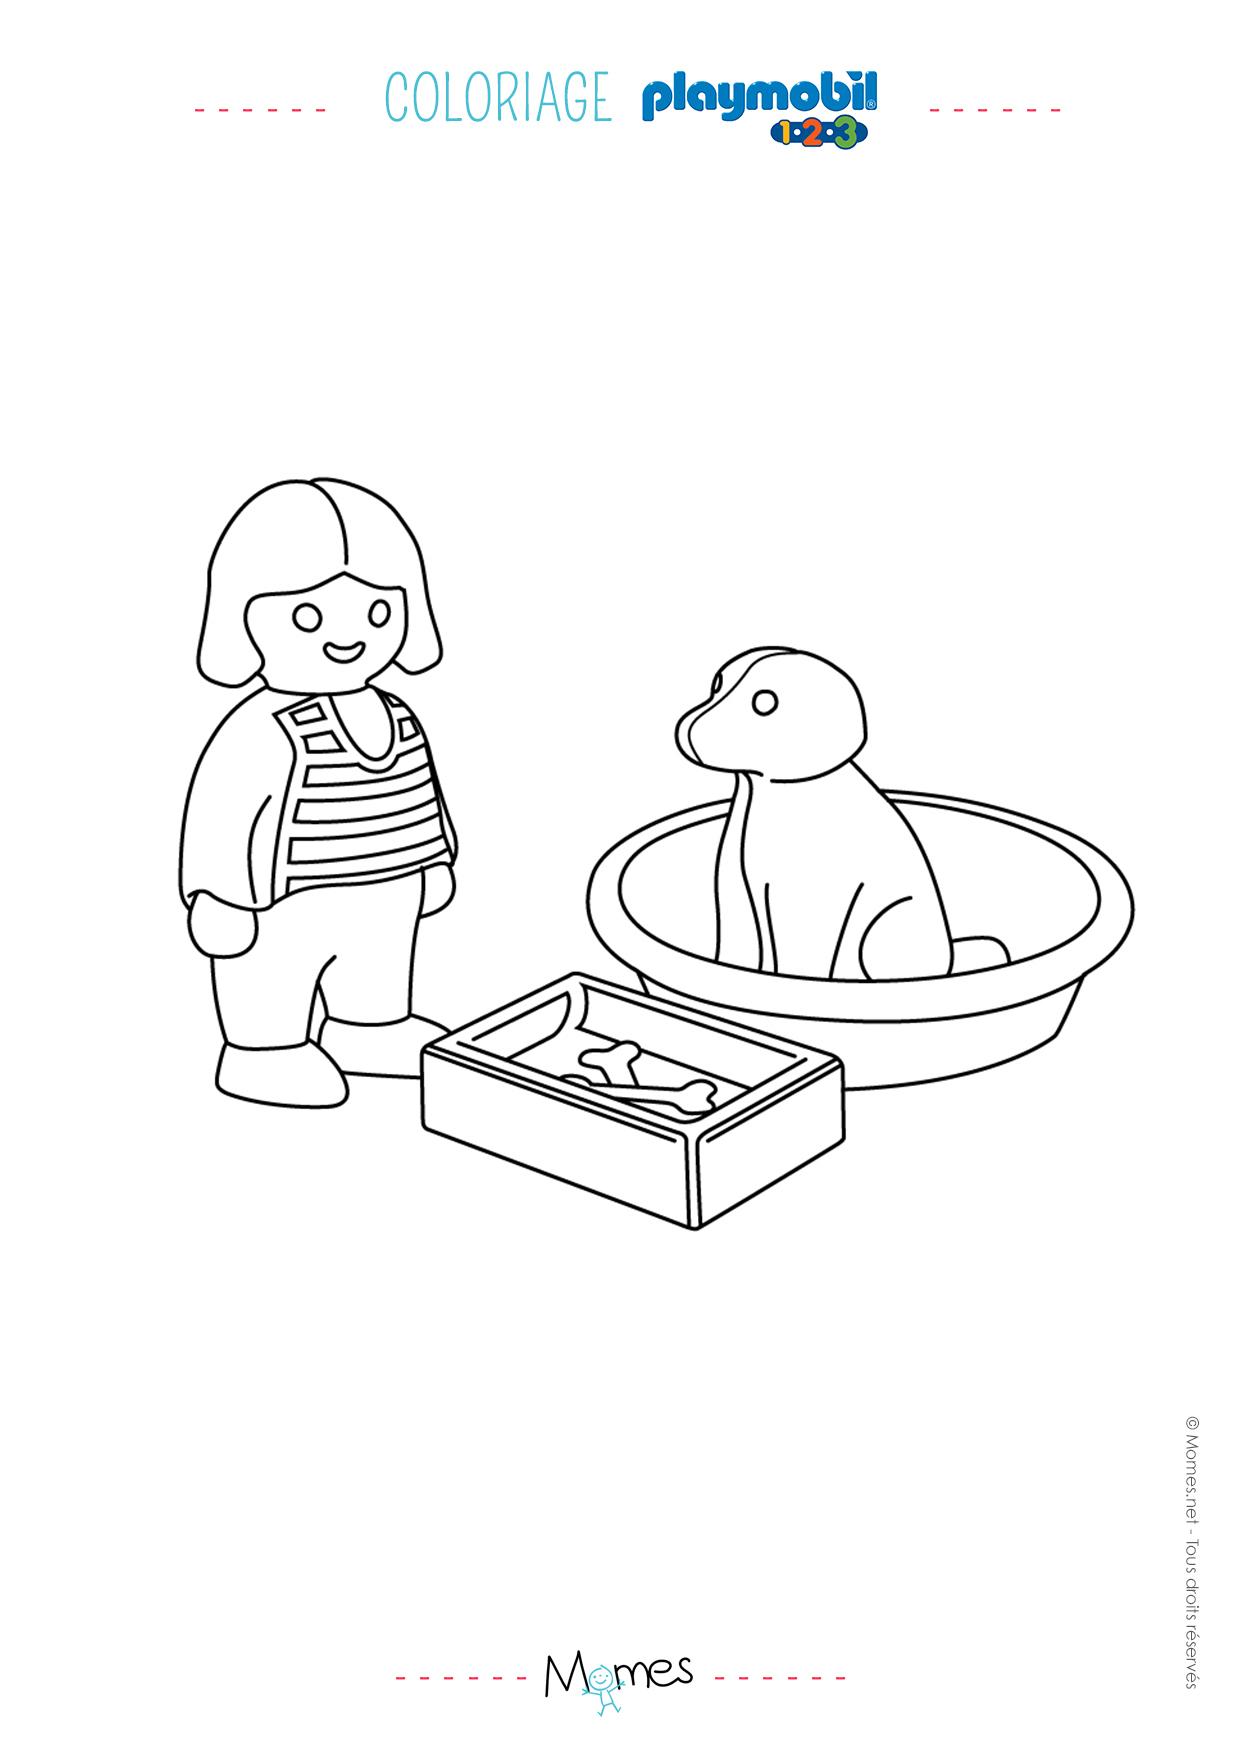 coloriage la petite fille et son chien playmobil 123. Black Bedroom Furniture Sets. Home Design Ideas